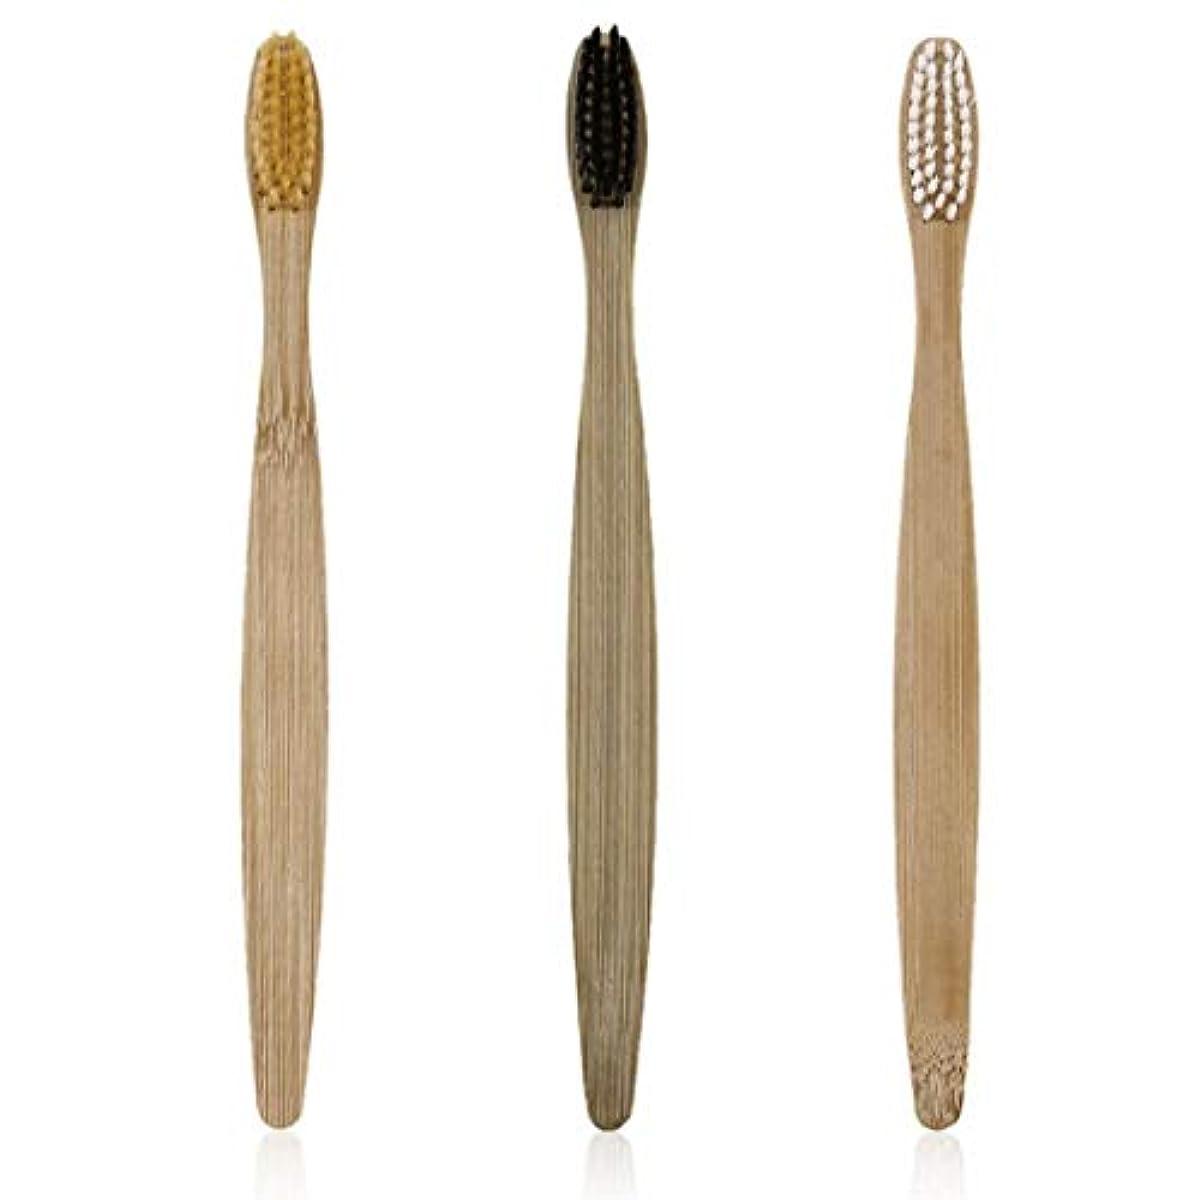 苦しめる許容できるヘビー環境に優しい木製歯ブラシ竹歯ブラシ柔らかい竹繊維 (3 pcs)